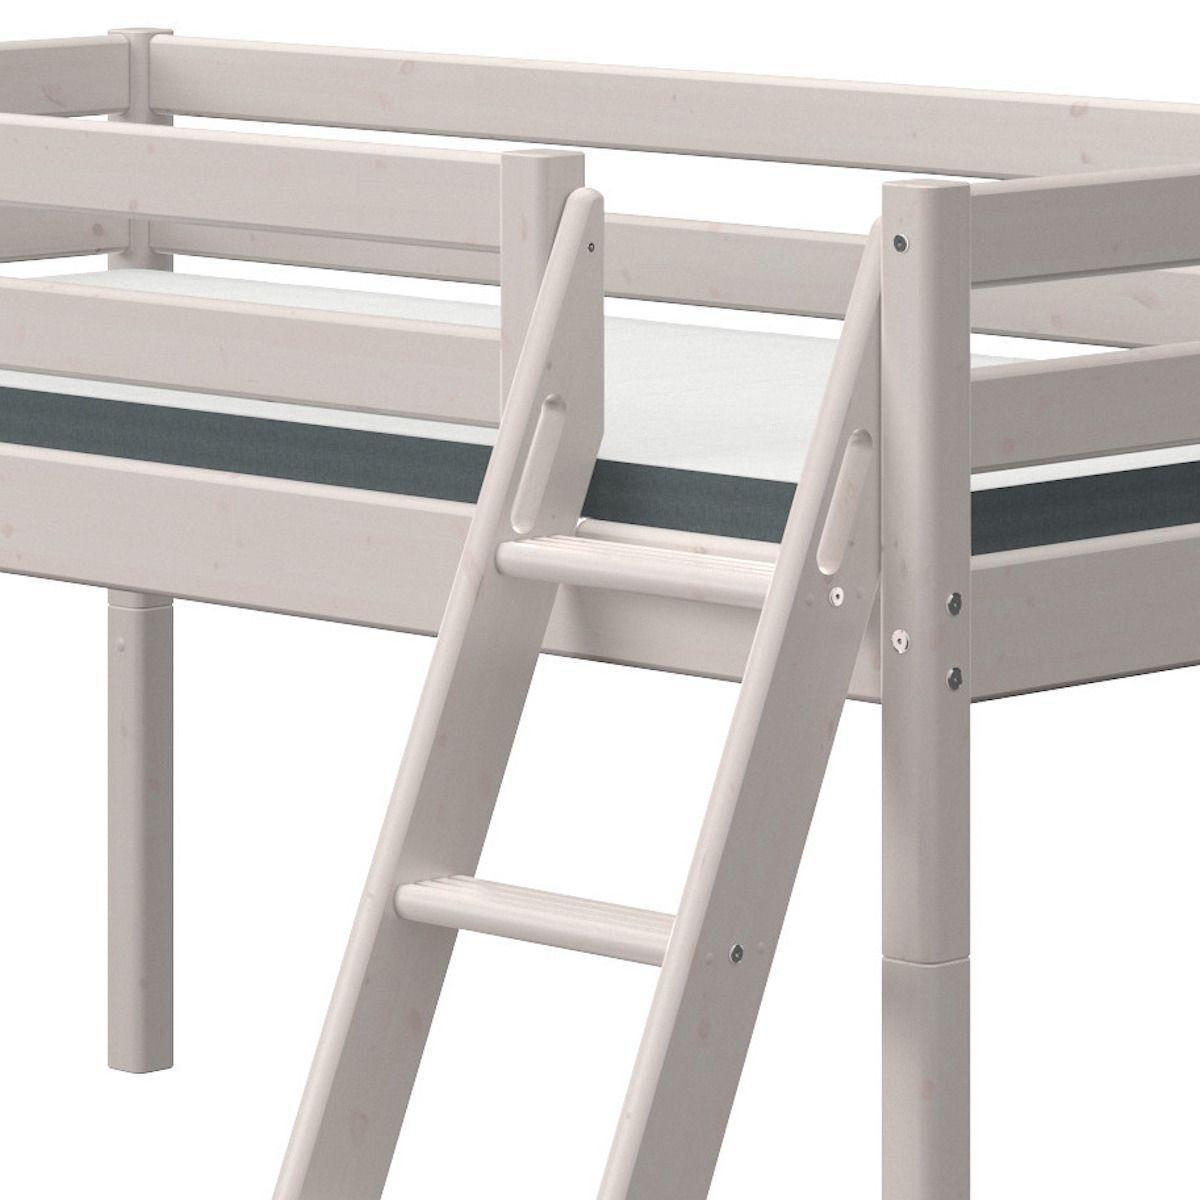 Lit mi hauteur 90x190cm échelle inclinée toboggan CLASSIC Flexa grey washed